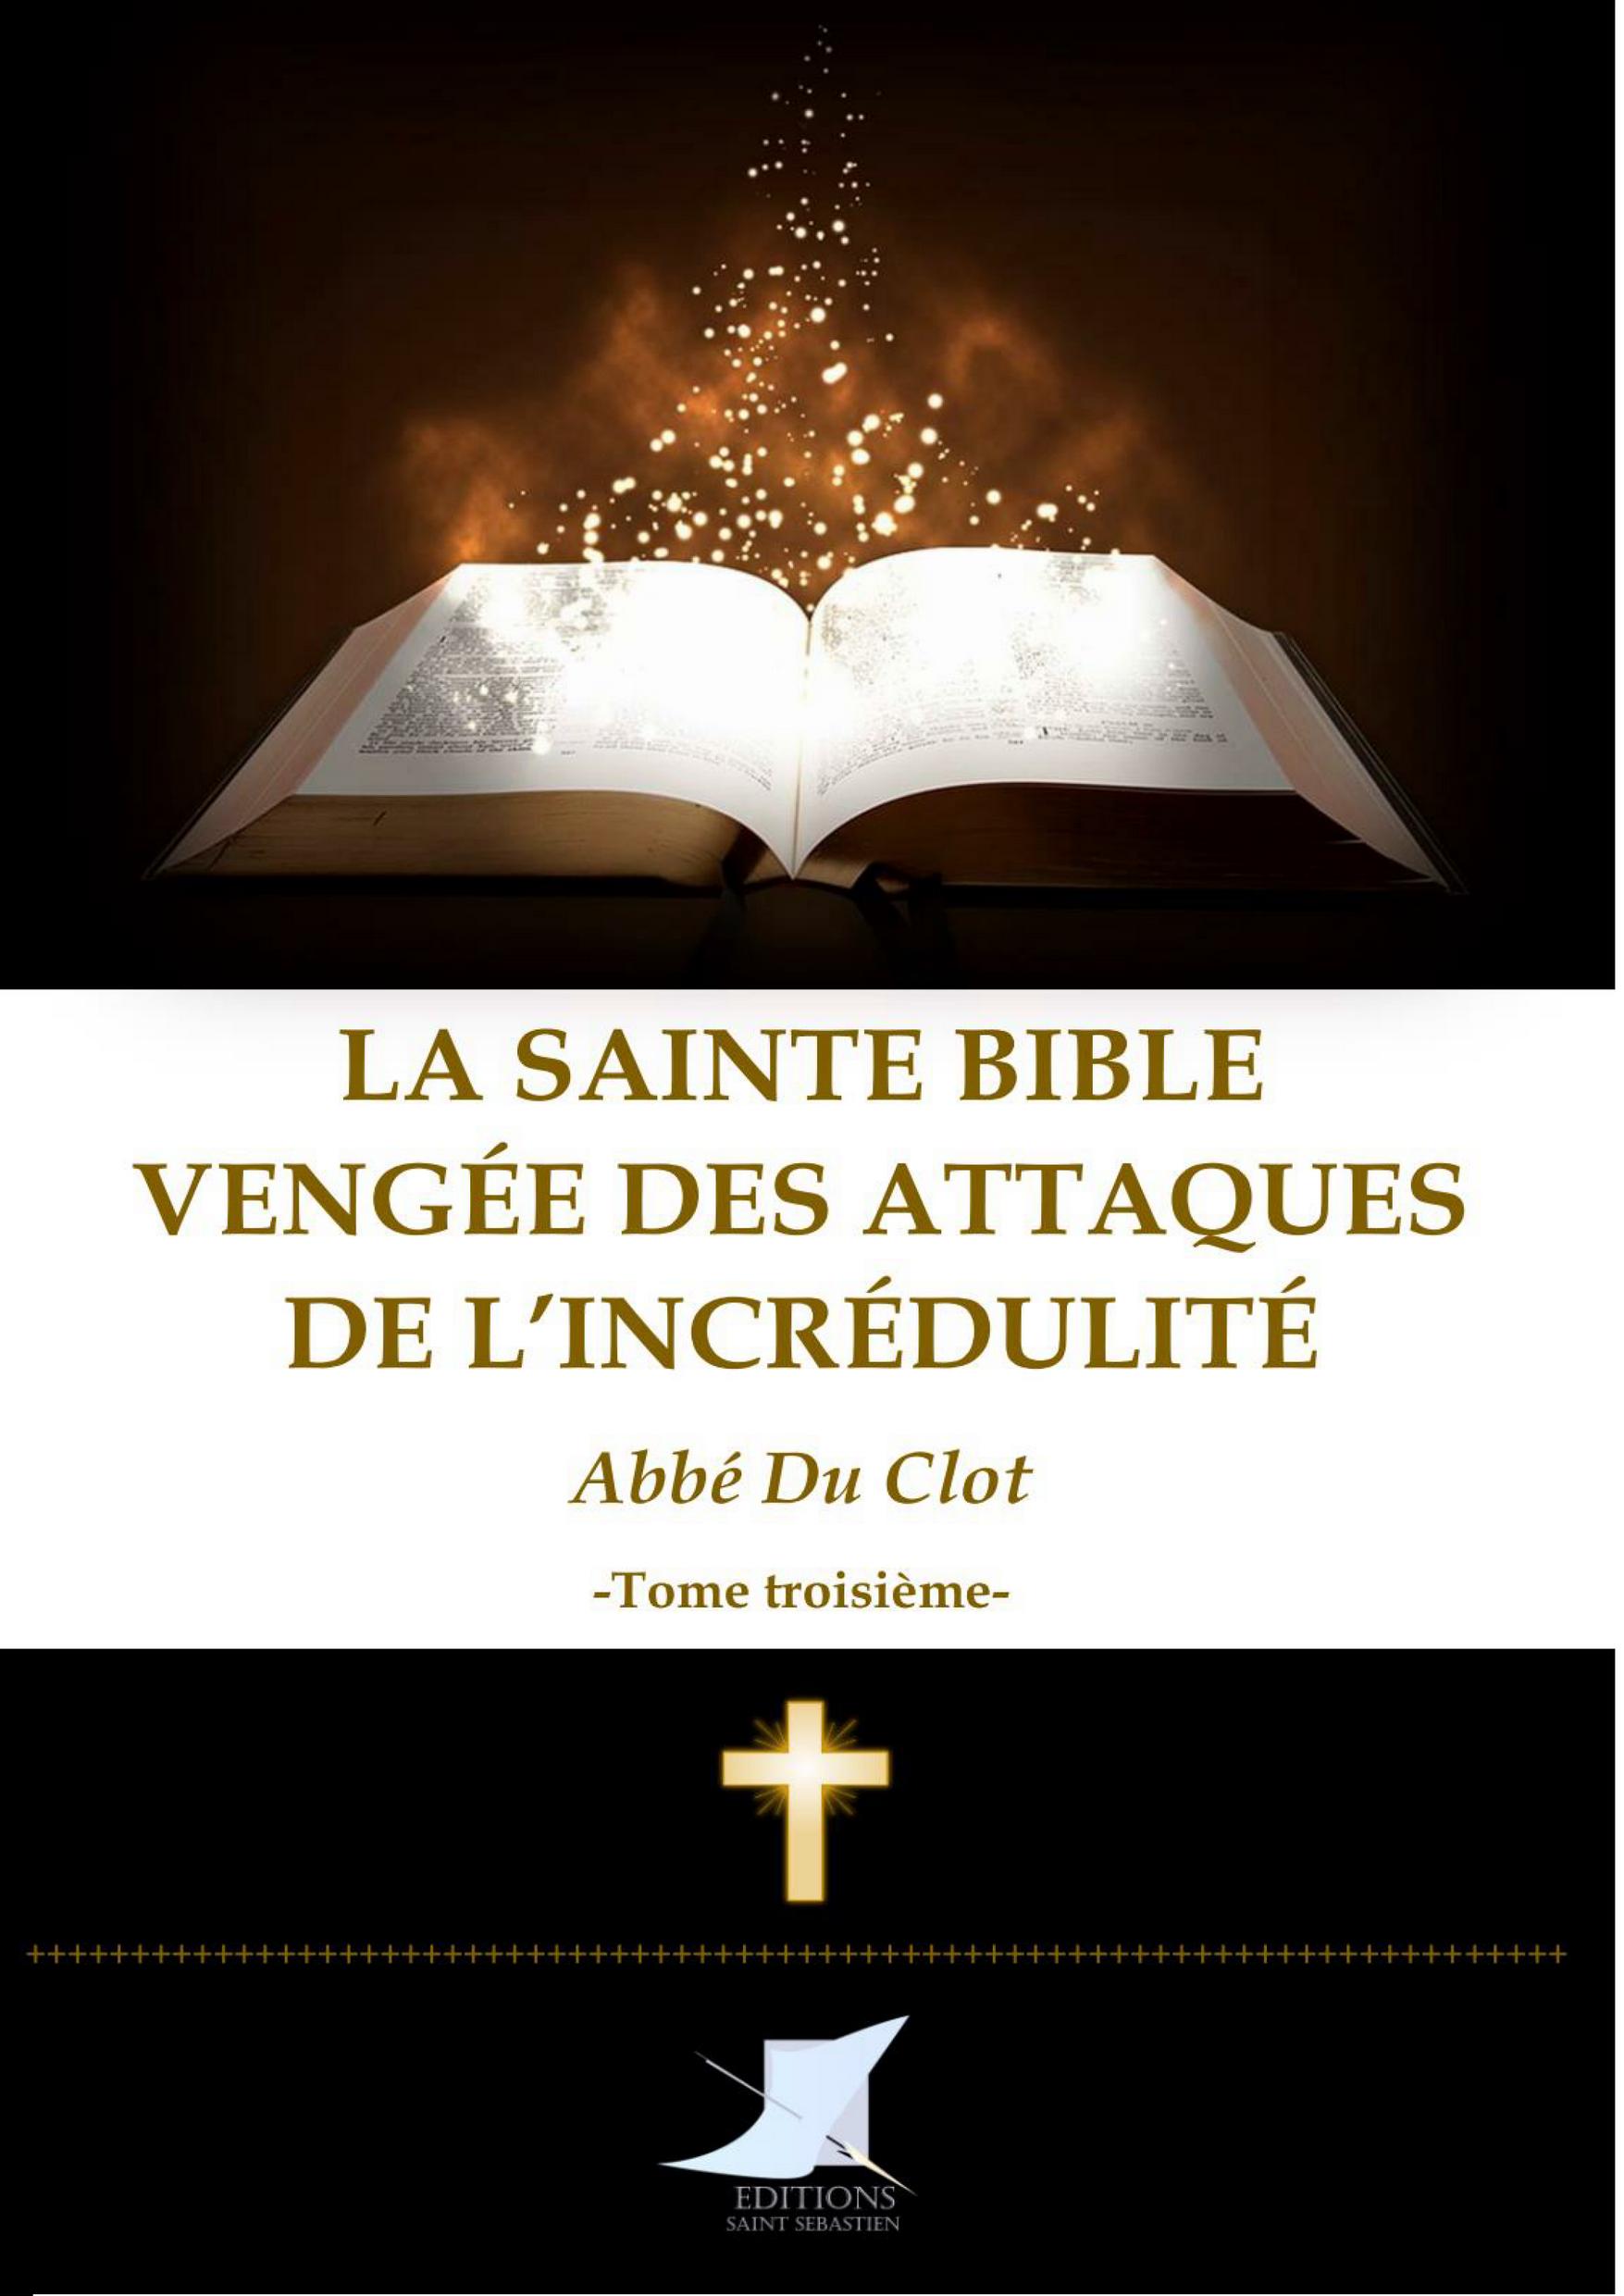 La Sainte Bible vengée Tome troisième